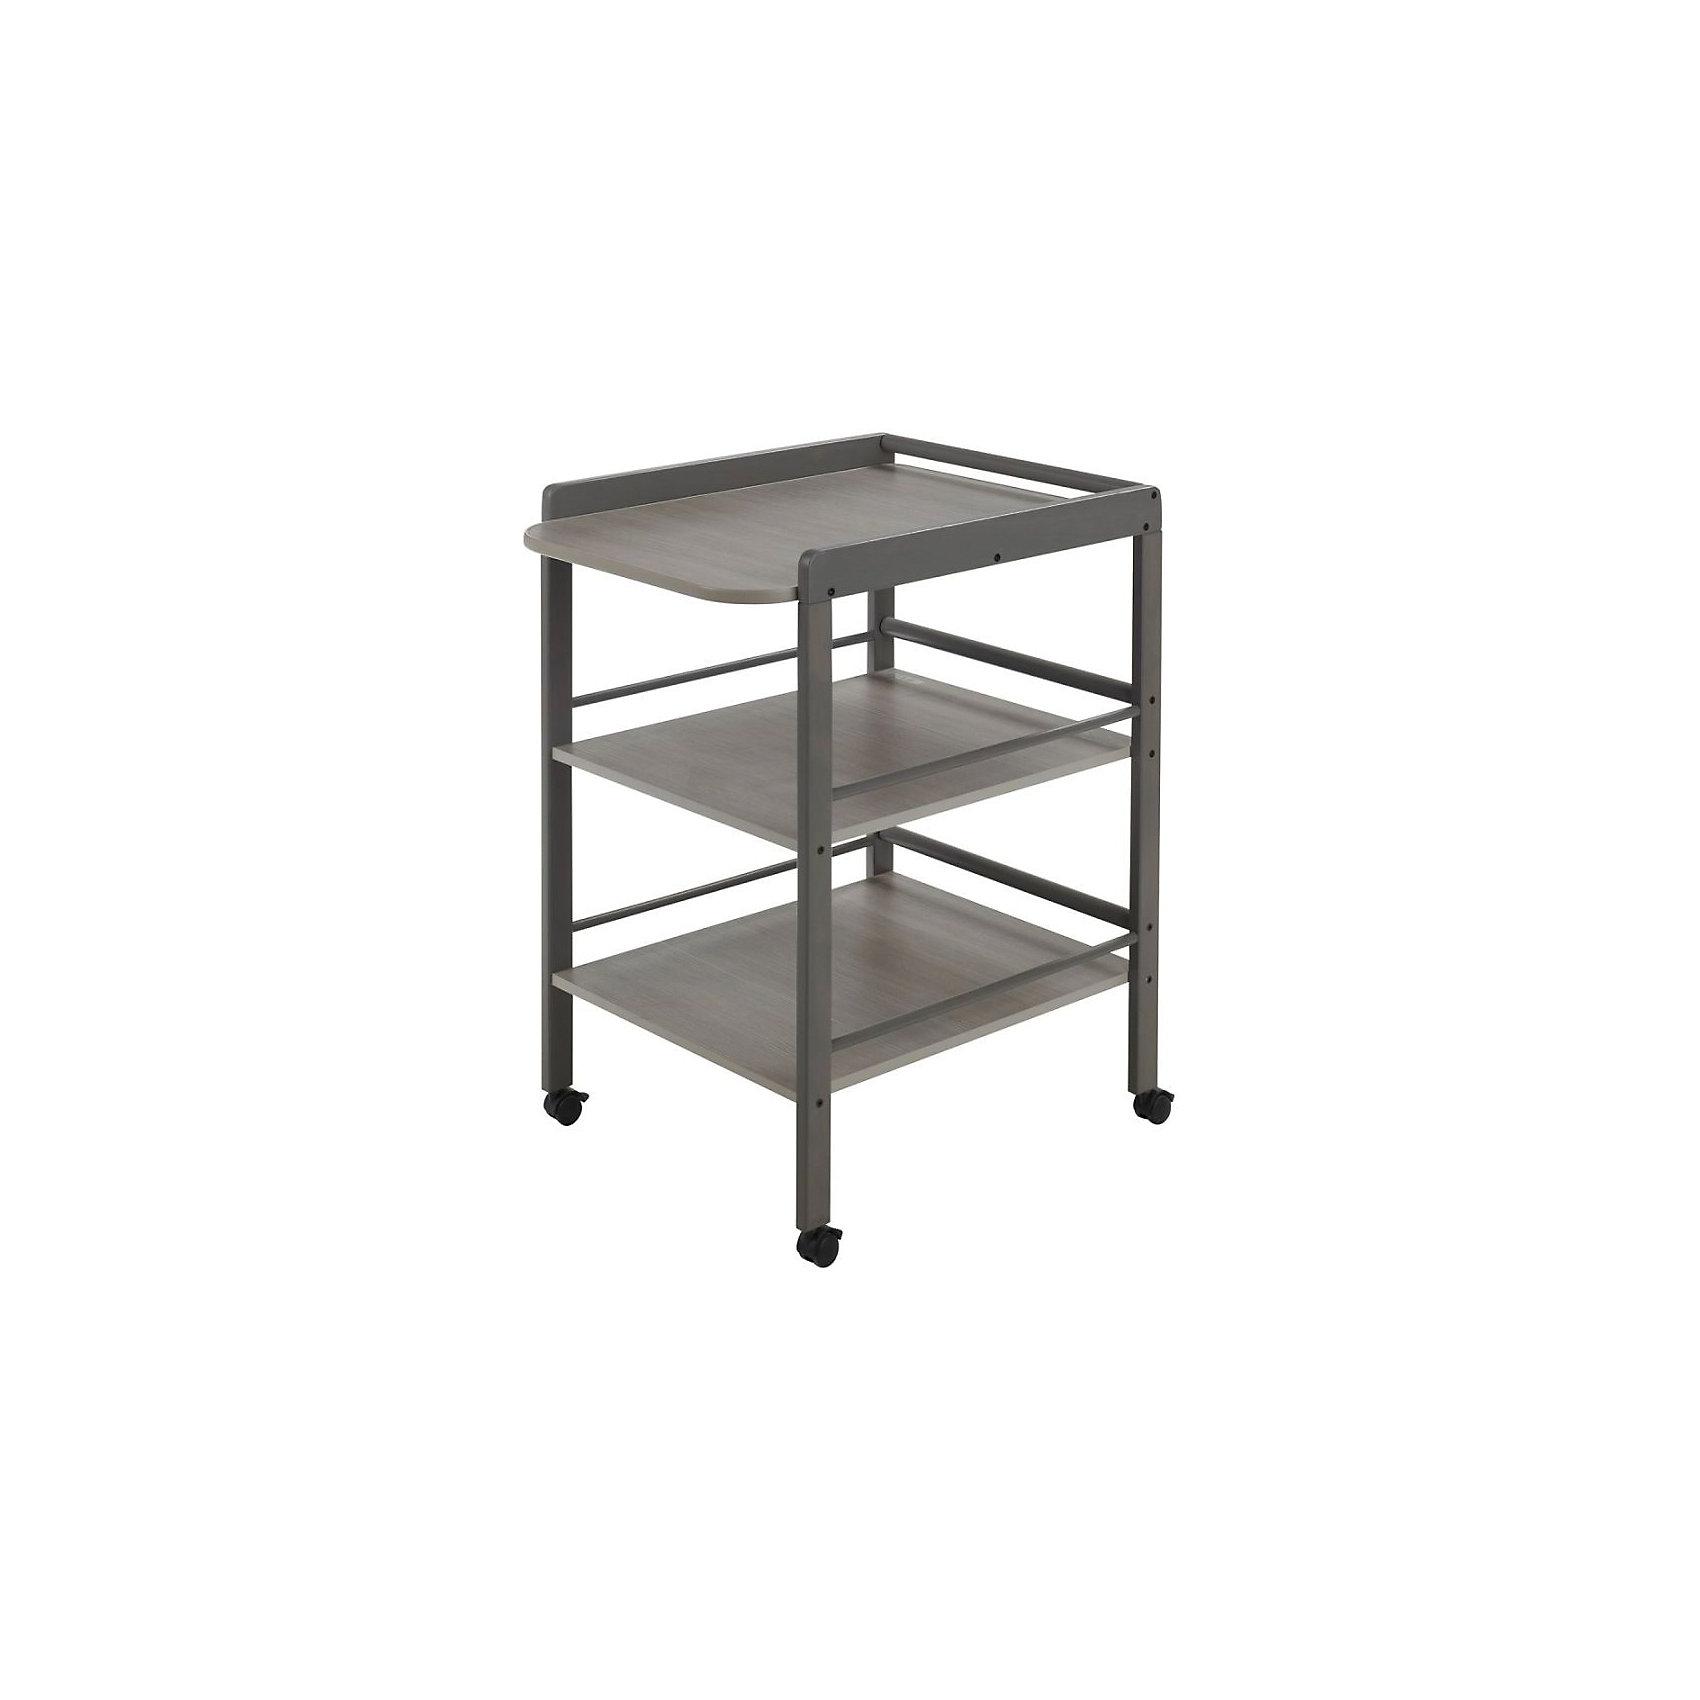 Пеленальный столик Clarissa, Geuther, серый